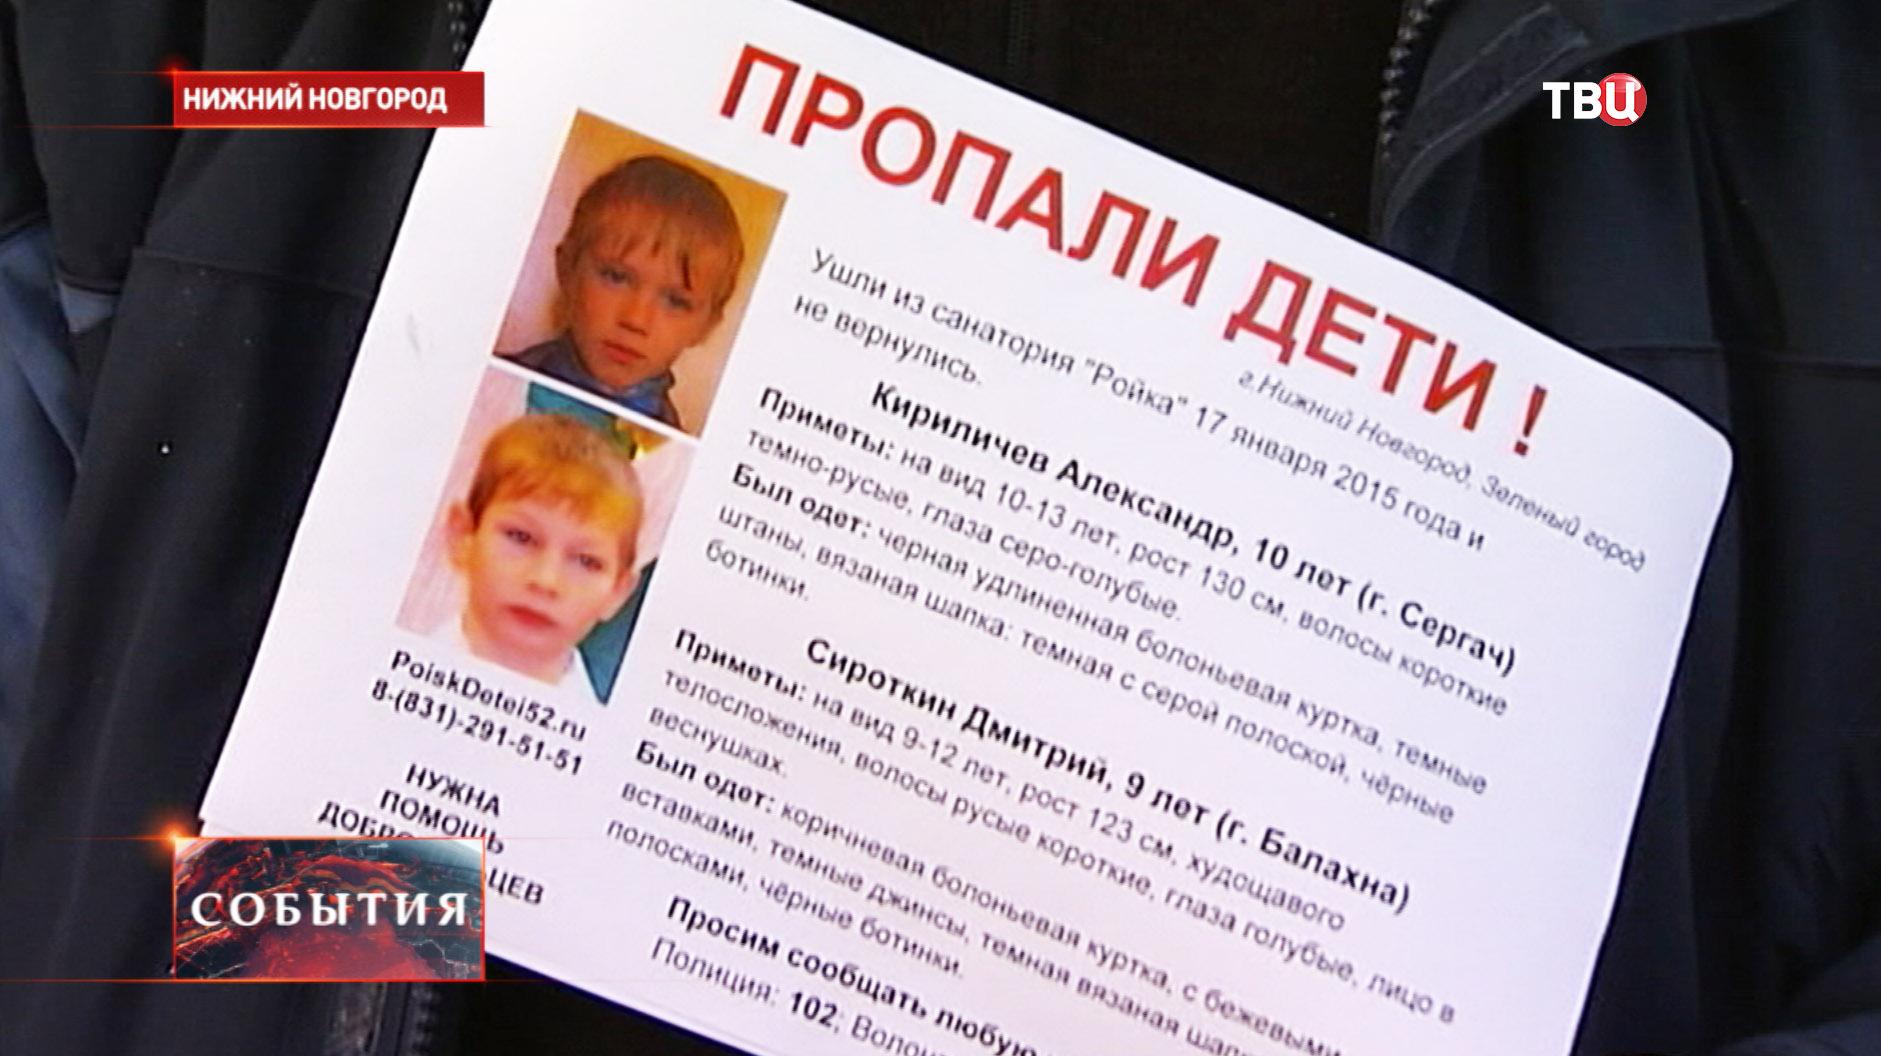 Розыск пропавших детей в Нижнем Новгороде